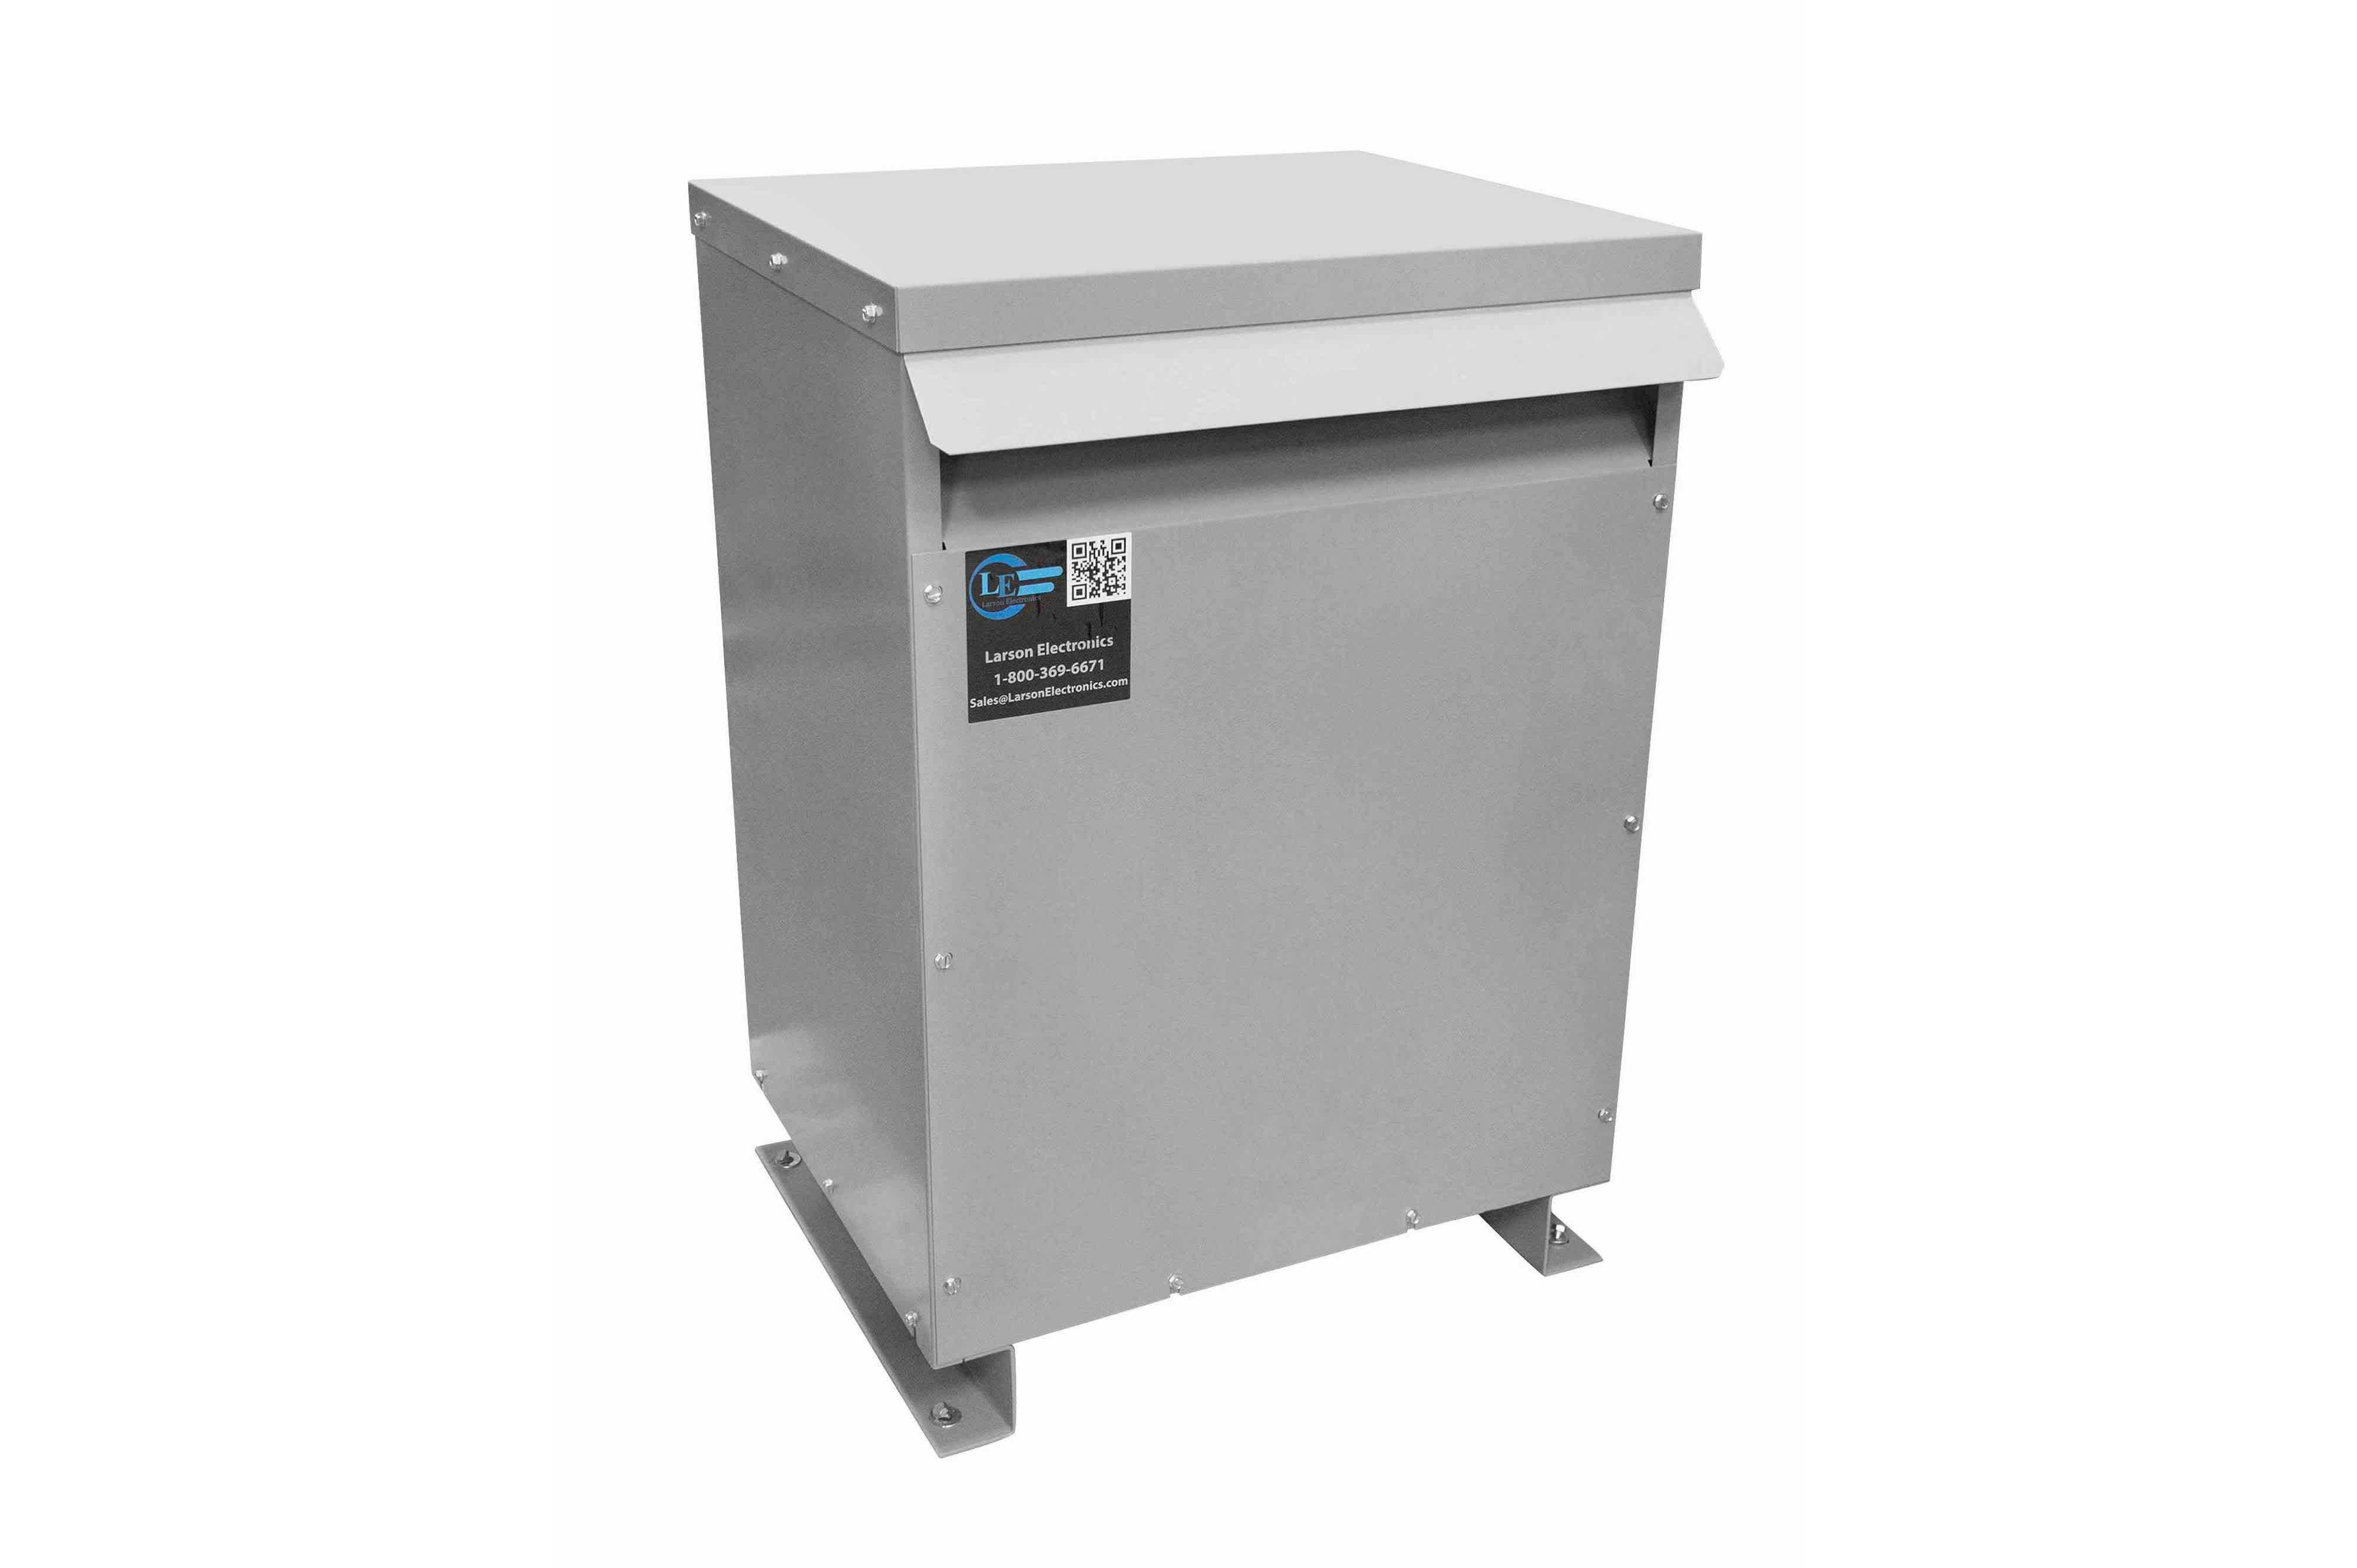 36 kVA 3PH Isolation Transformer, 480V Delta Primary, 415V Delta Secondary, N3R, Ventilated, 60 Hz